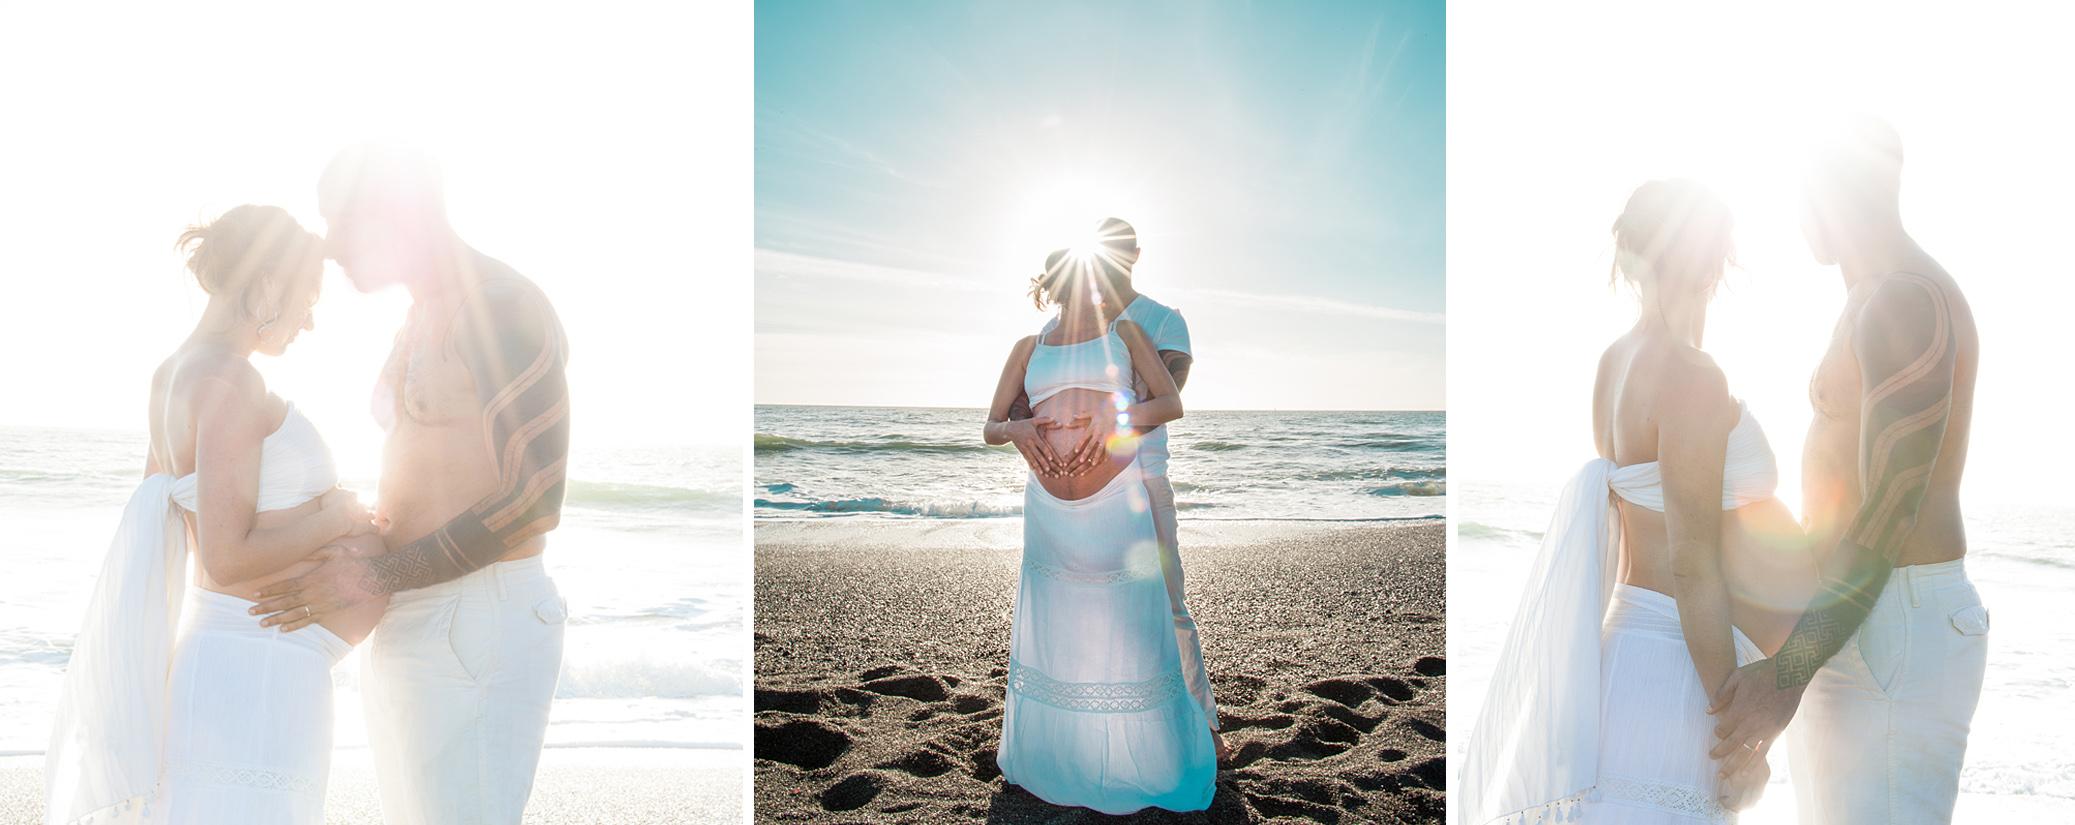 marielle_beach_belly.jpg